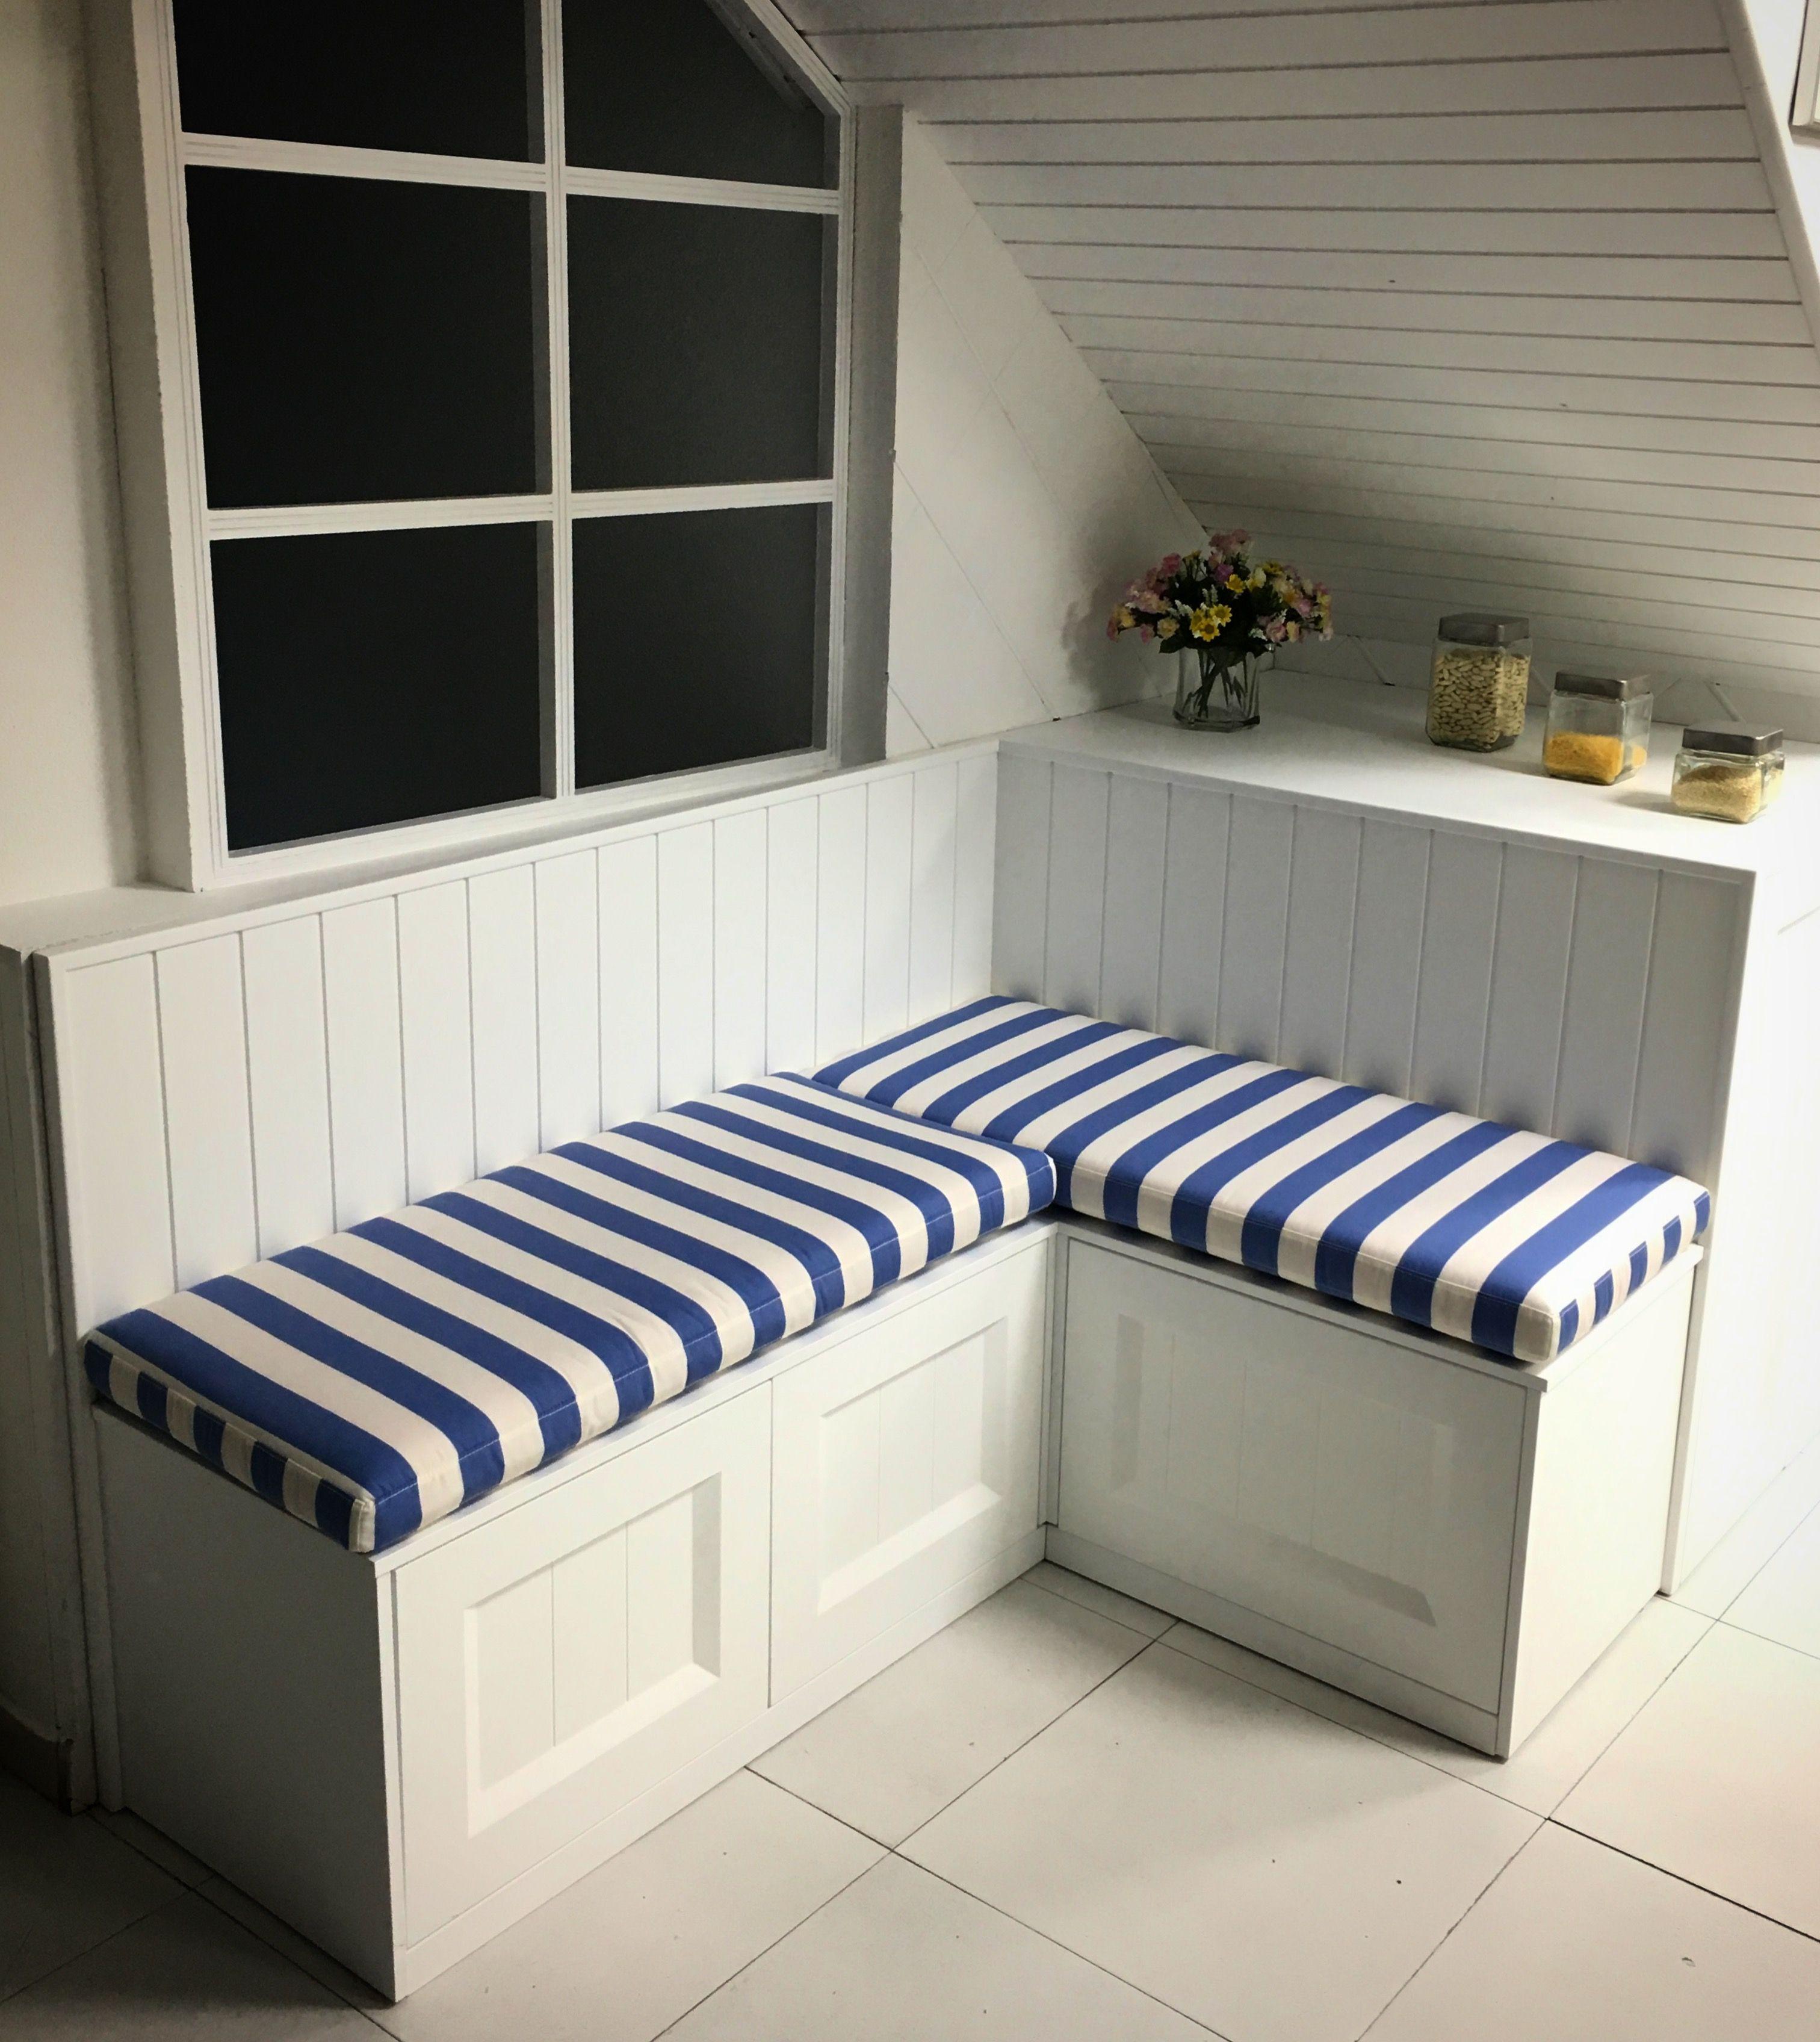 Banco de cocina a medida bancos de cocina muebles con for Medidas banco cocina